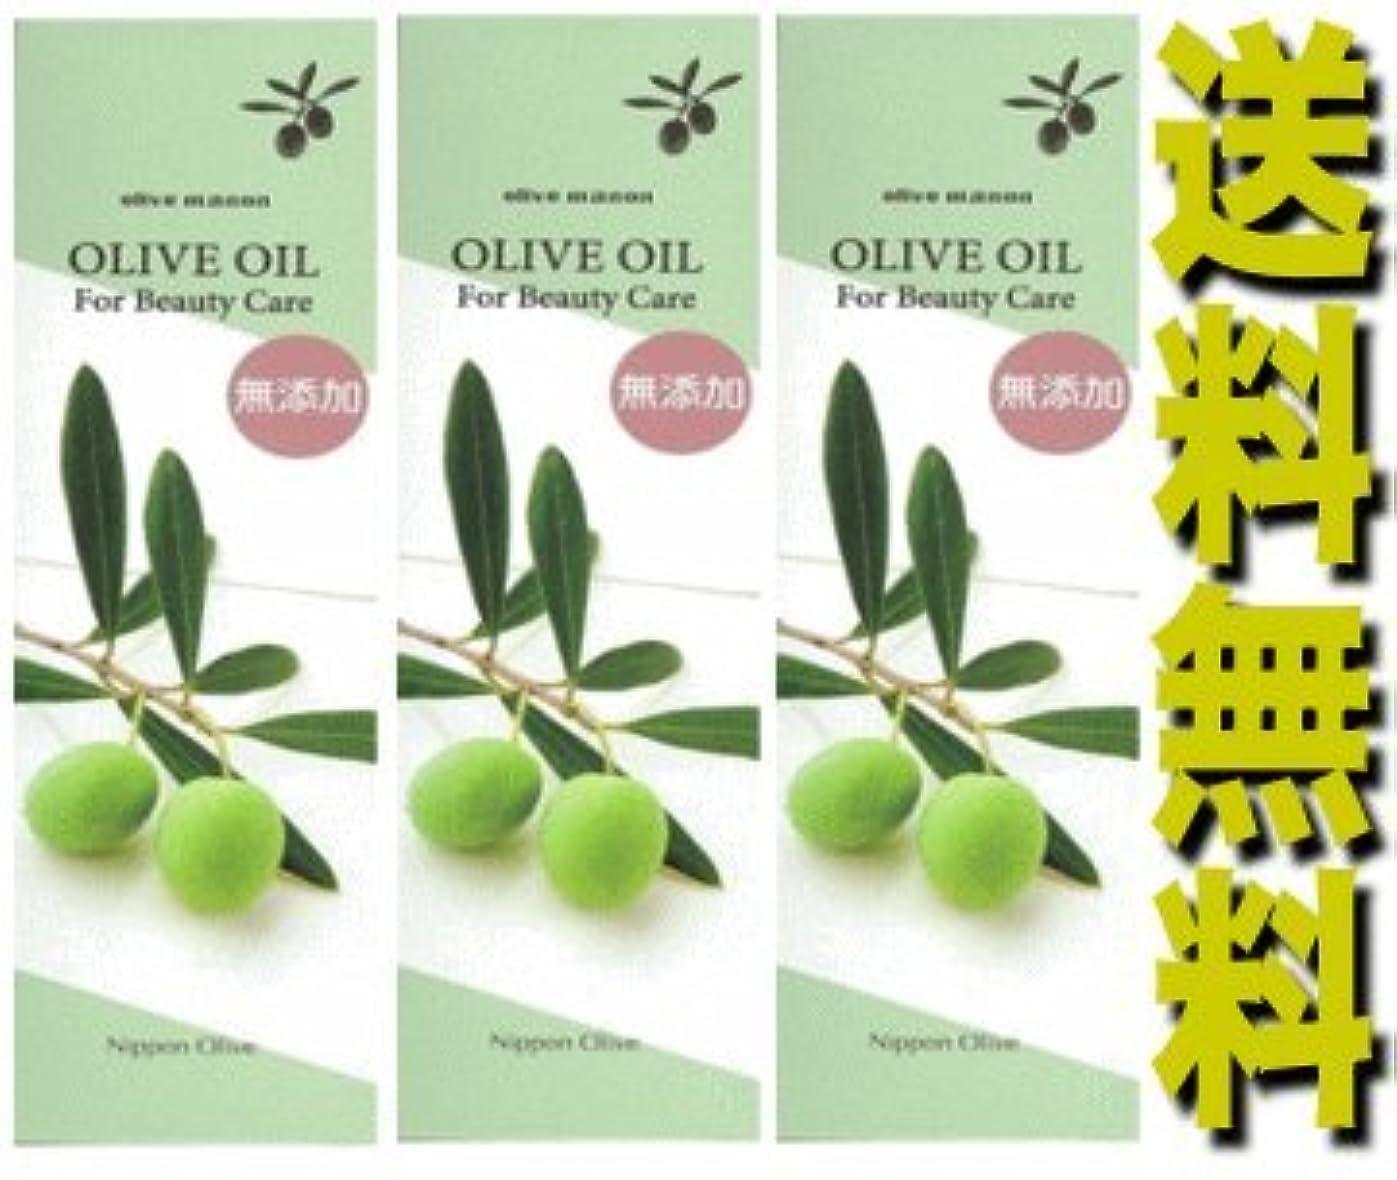 レルム条約食物日本オリーブ オリーブマノンバージンオイル 200mlx3本セット